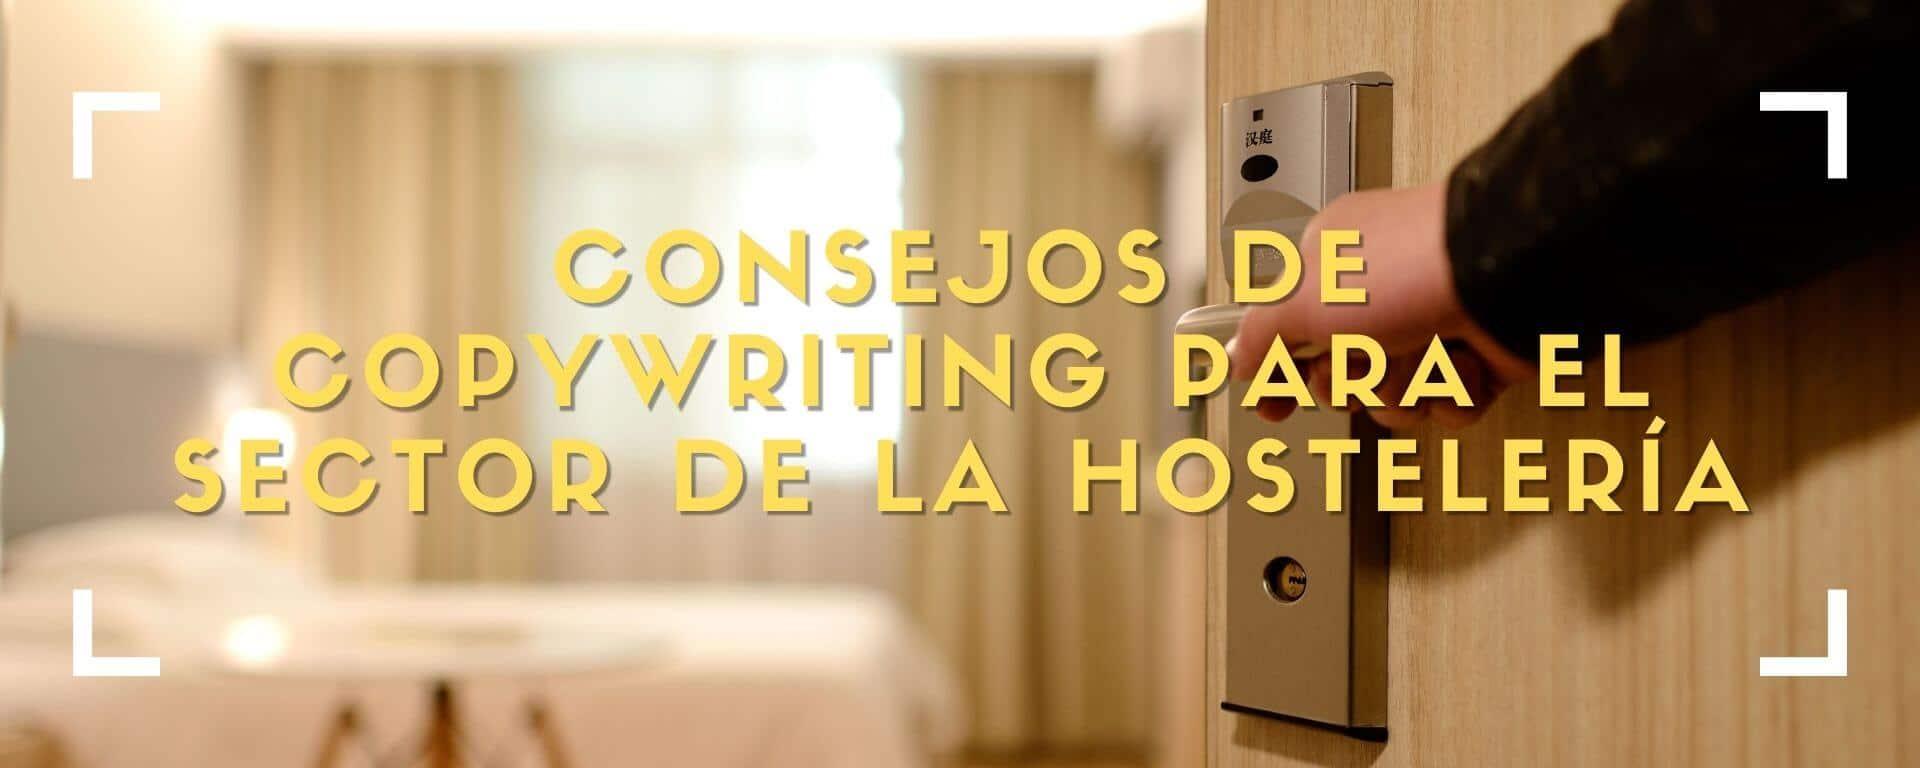 copywriting para hoteles